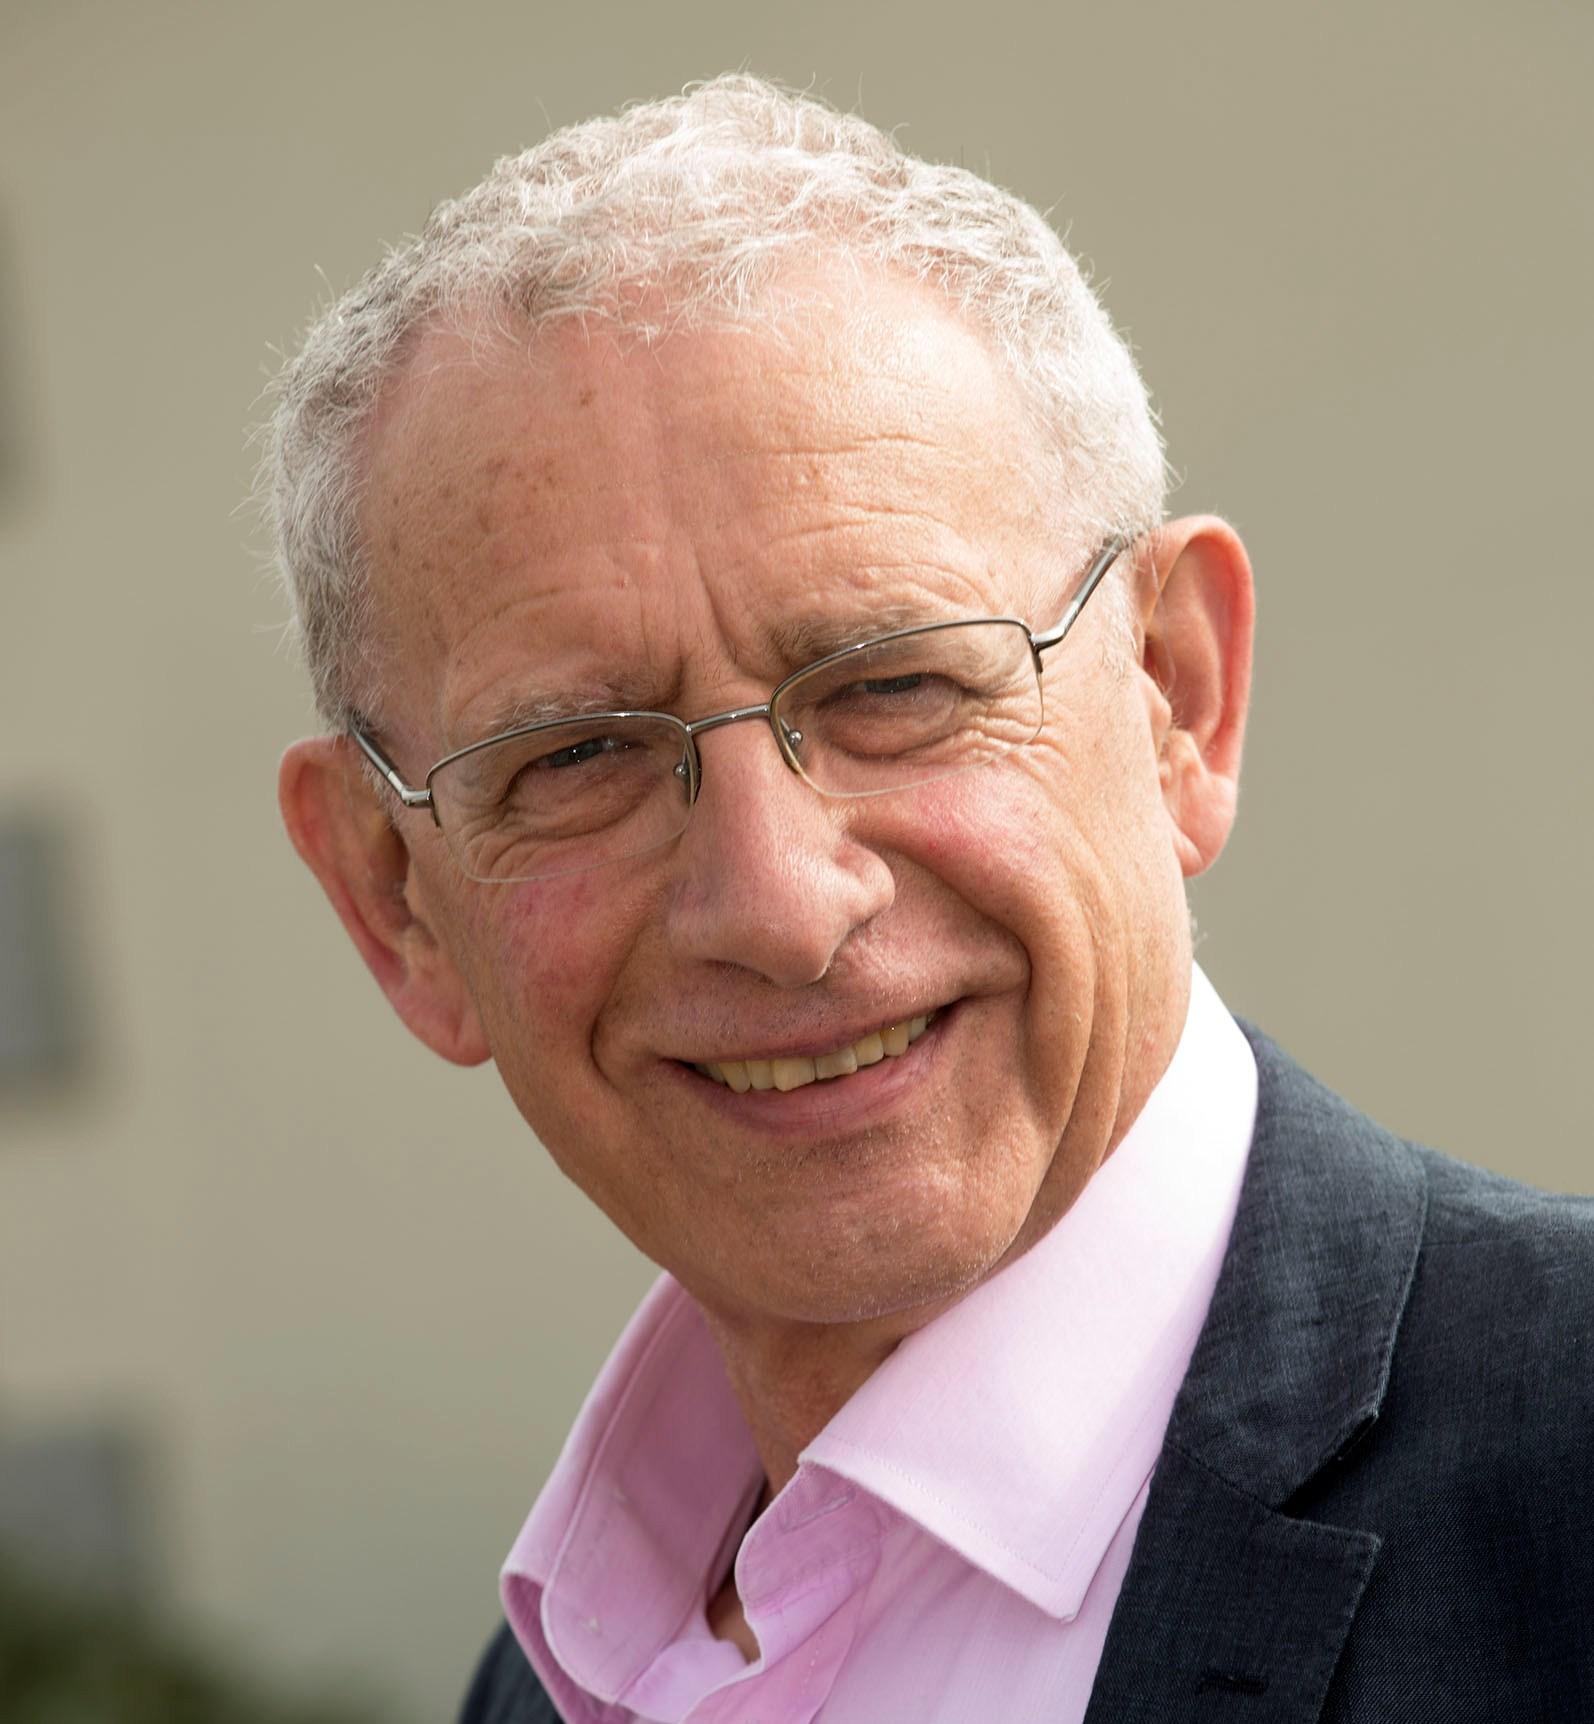 Roger Grimshaw